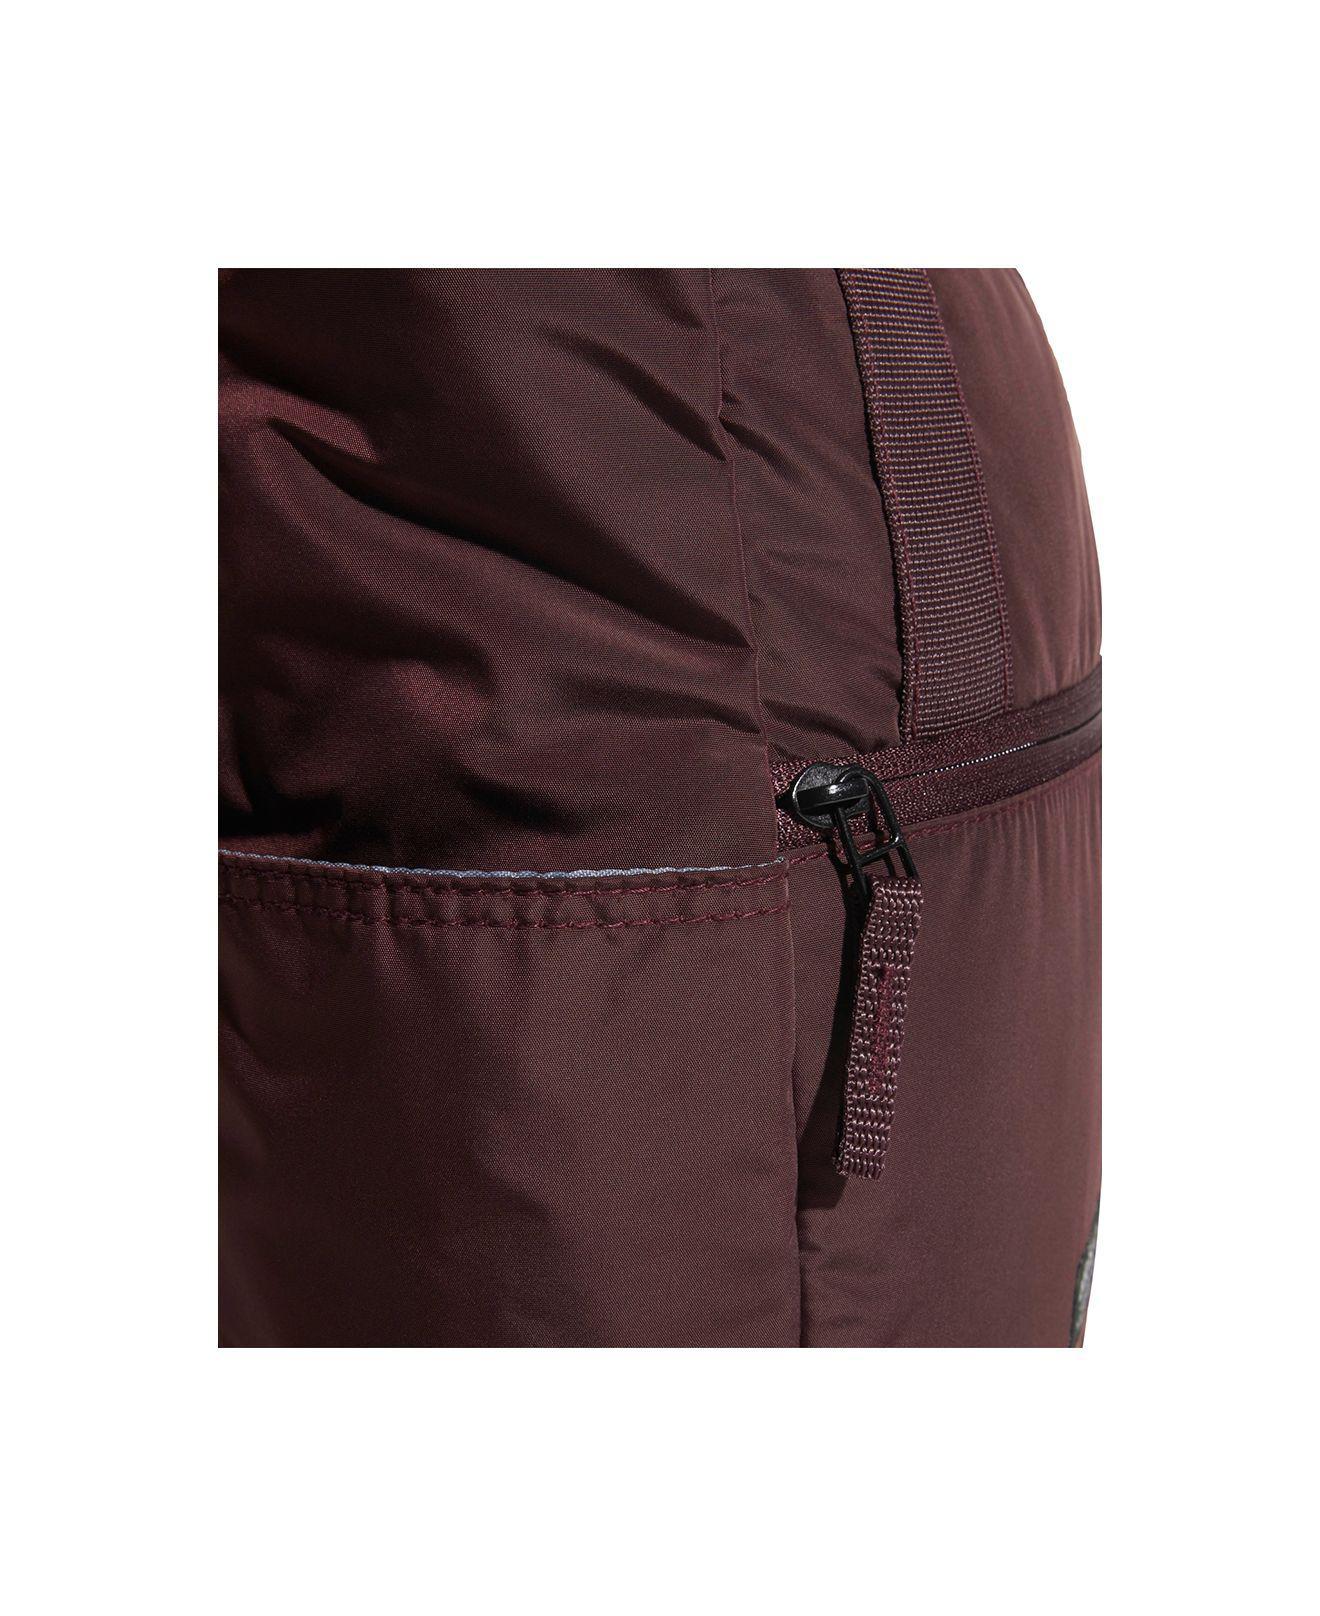 b46b056da1 Lyst - adidas Originals Tote Pack Ii Backpack in Red